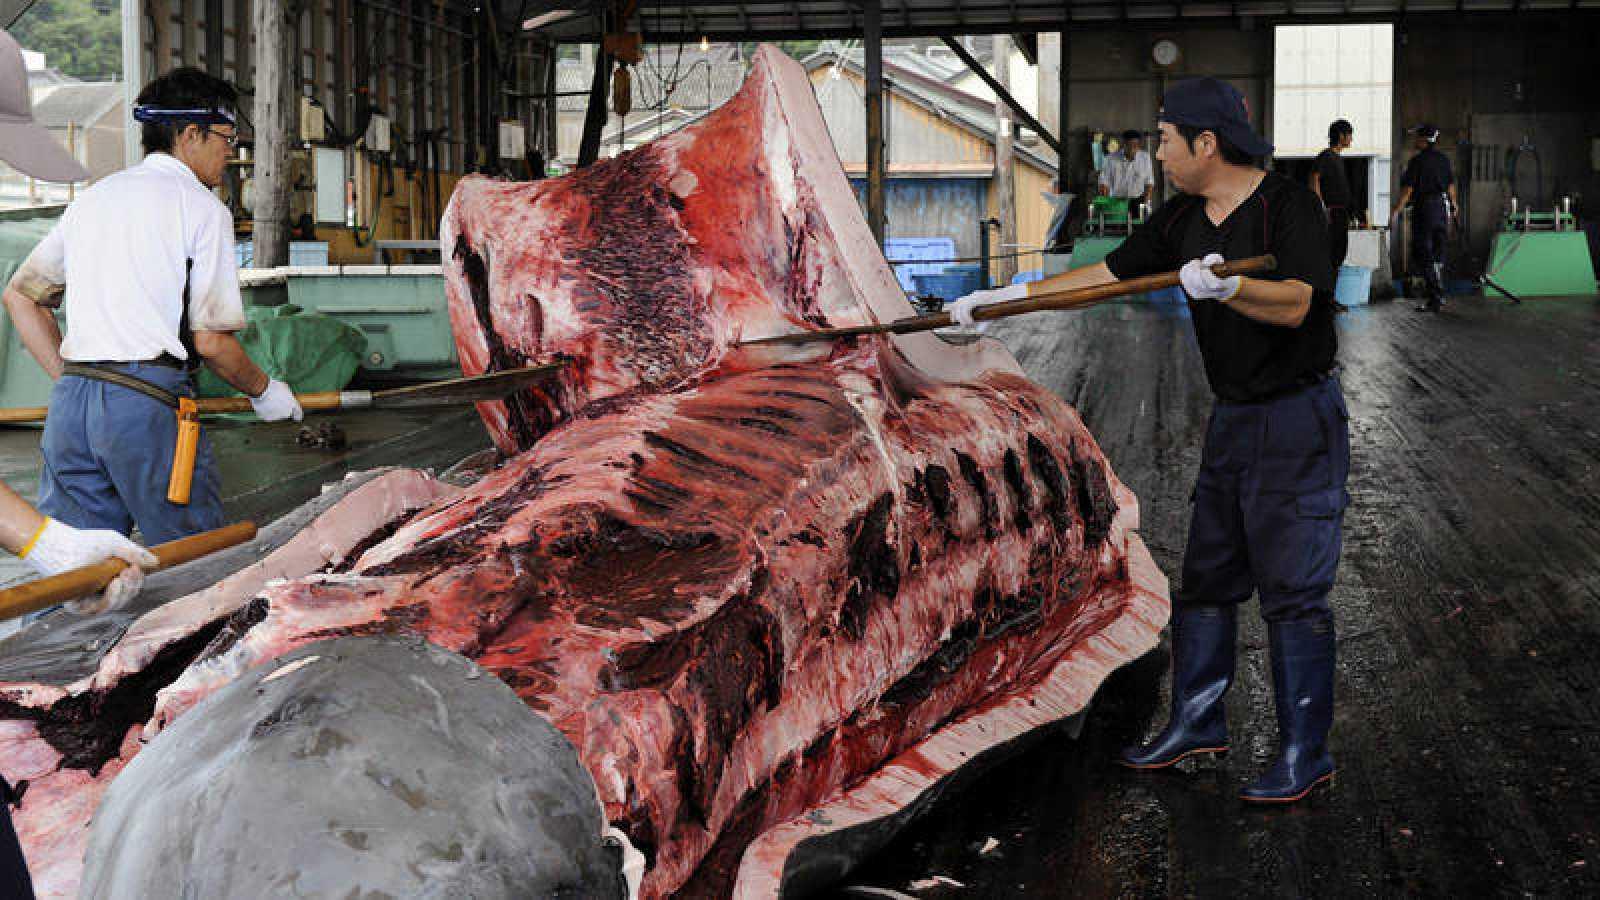 Imagen de archivo de varios pescadores quitando la piel a una ballena en Wada Port, Japón.